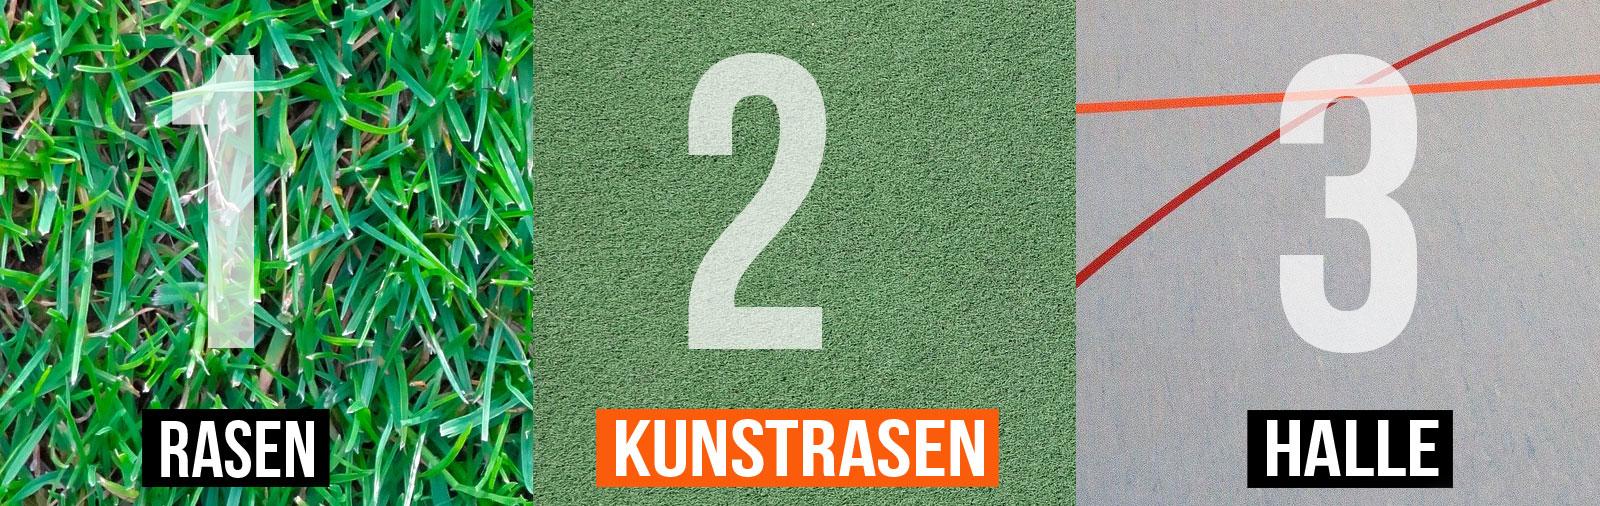 Die Rasen (FG) Kunstrasen (TF) und Hallen (IN) Fußballschuhe